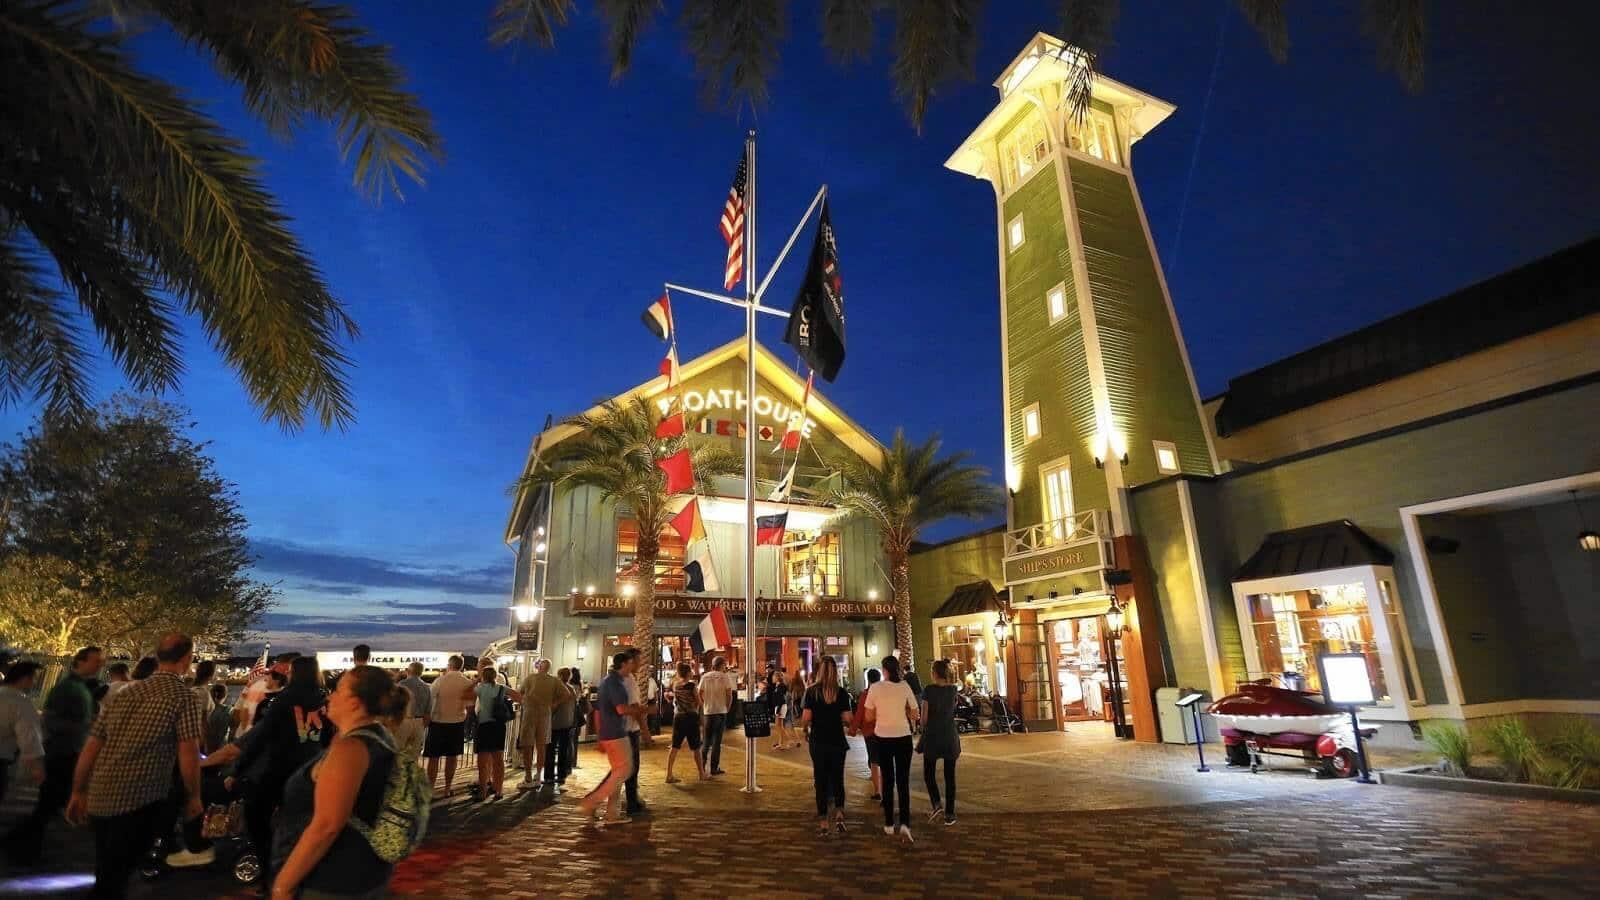 O Que Fazer em Orlando e na Disney